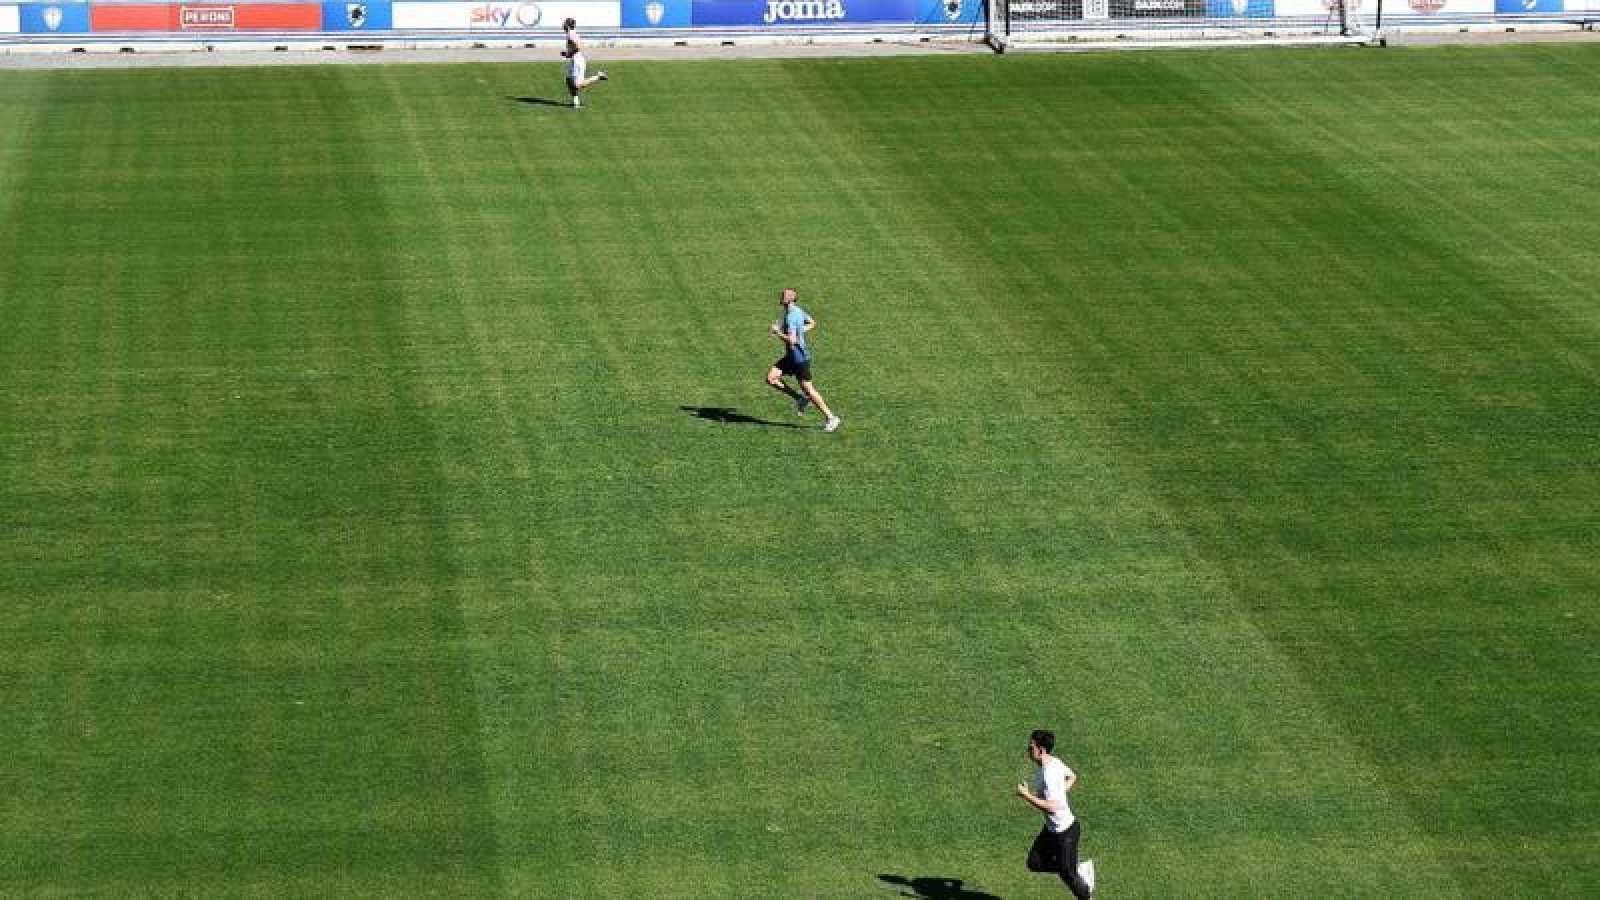 Los jugadores de la Sampdoria Karol Linetty, Gaston Ramirez, y Gonzalo Maroni durante una sesión de entrenamiento individual.